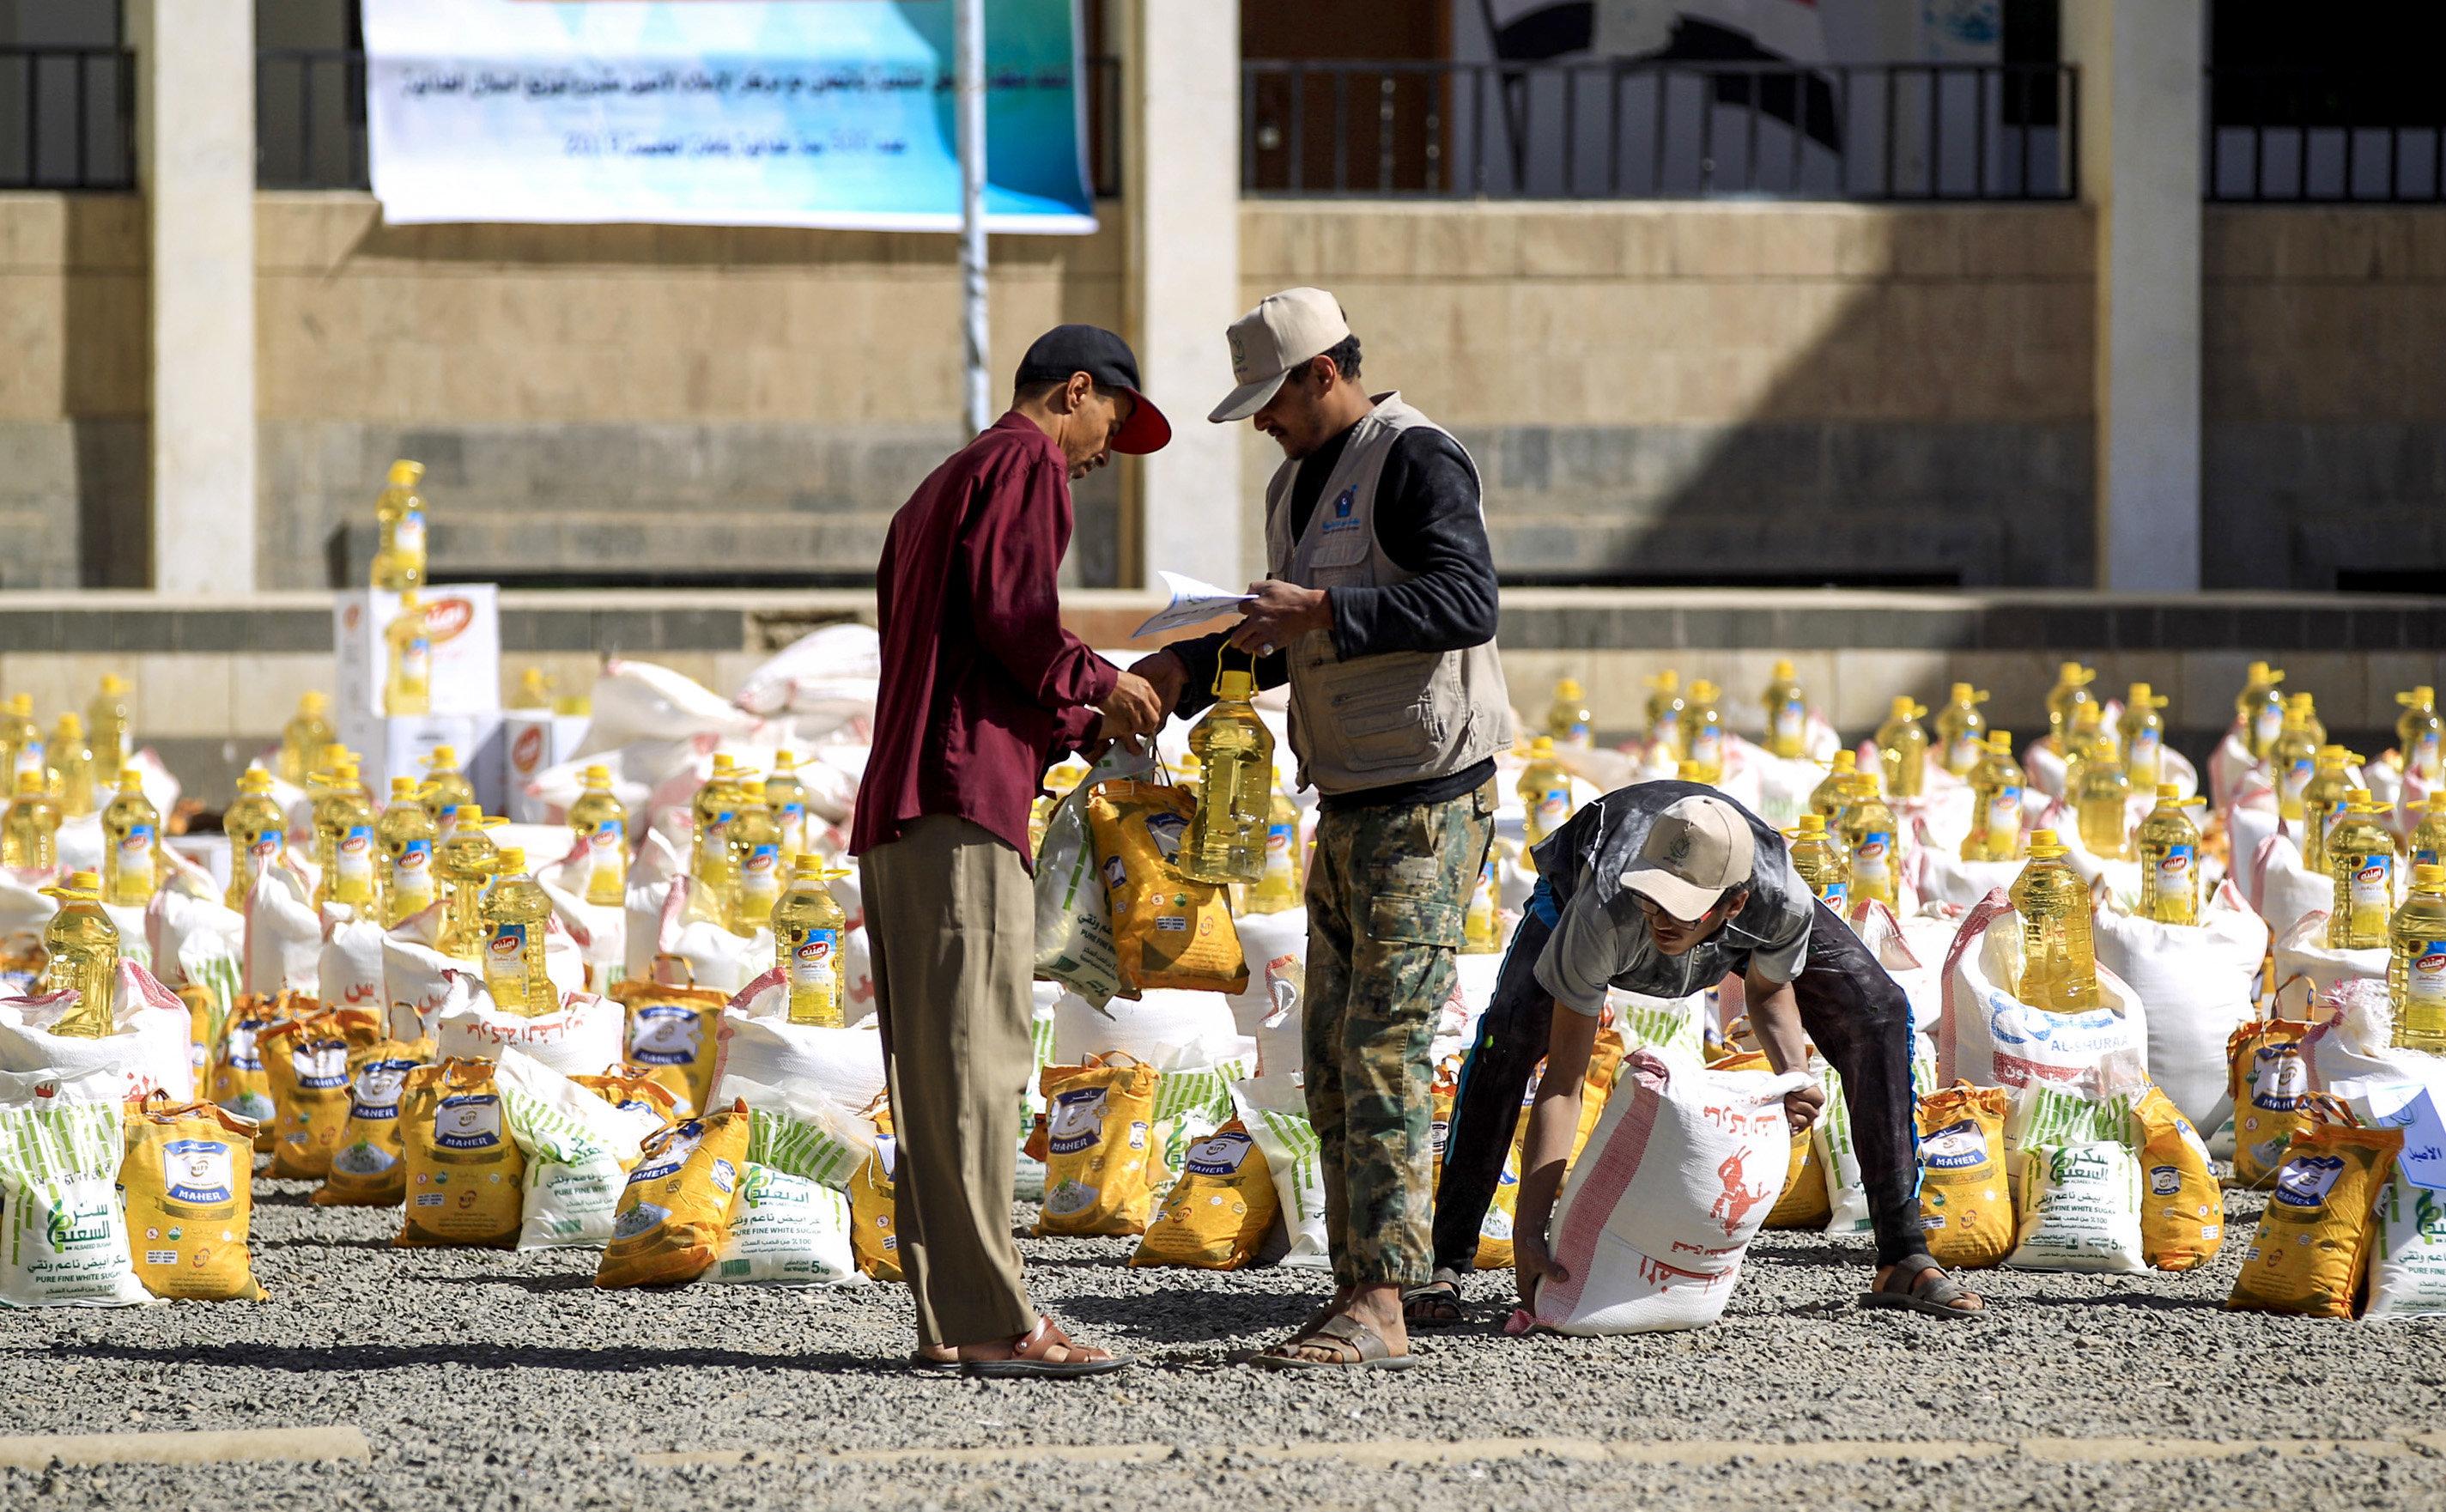 Yémen: L'ONU cherche 4,2 milliards de dollars pour accroitre l'aide